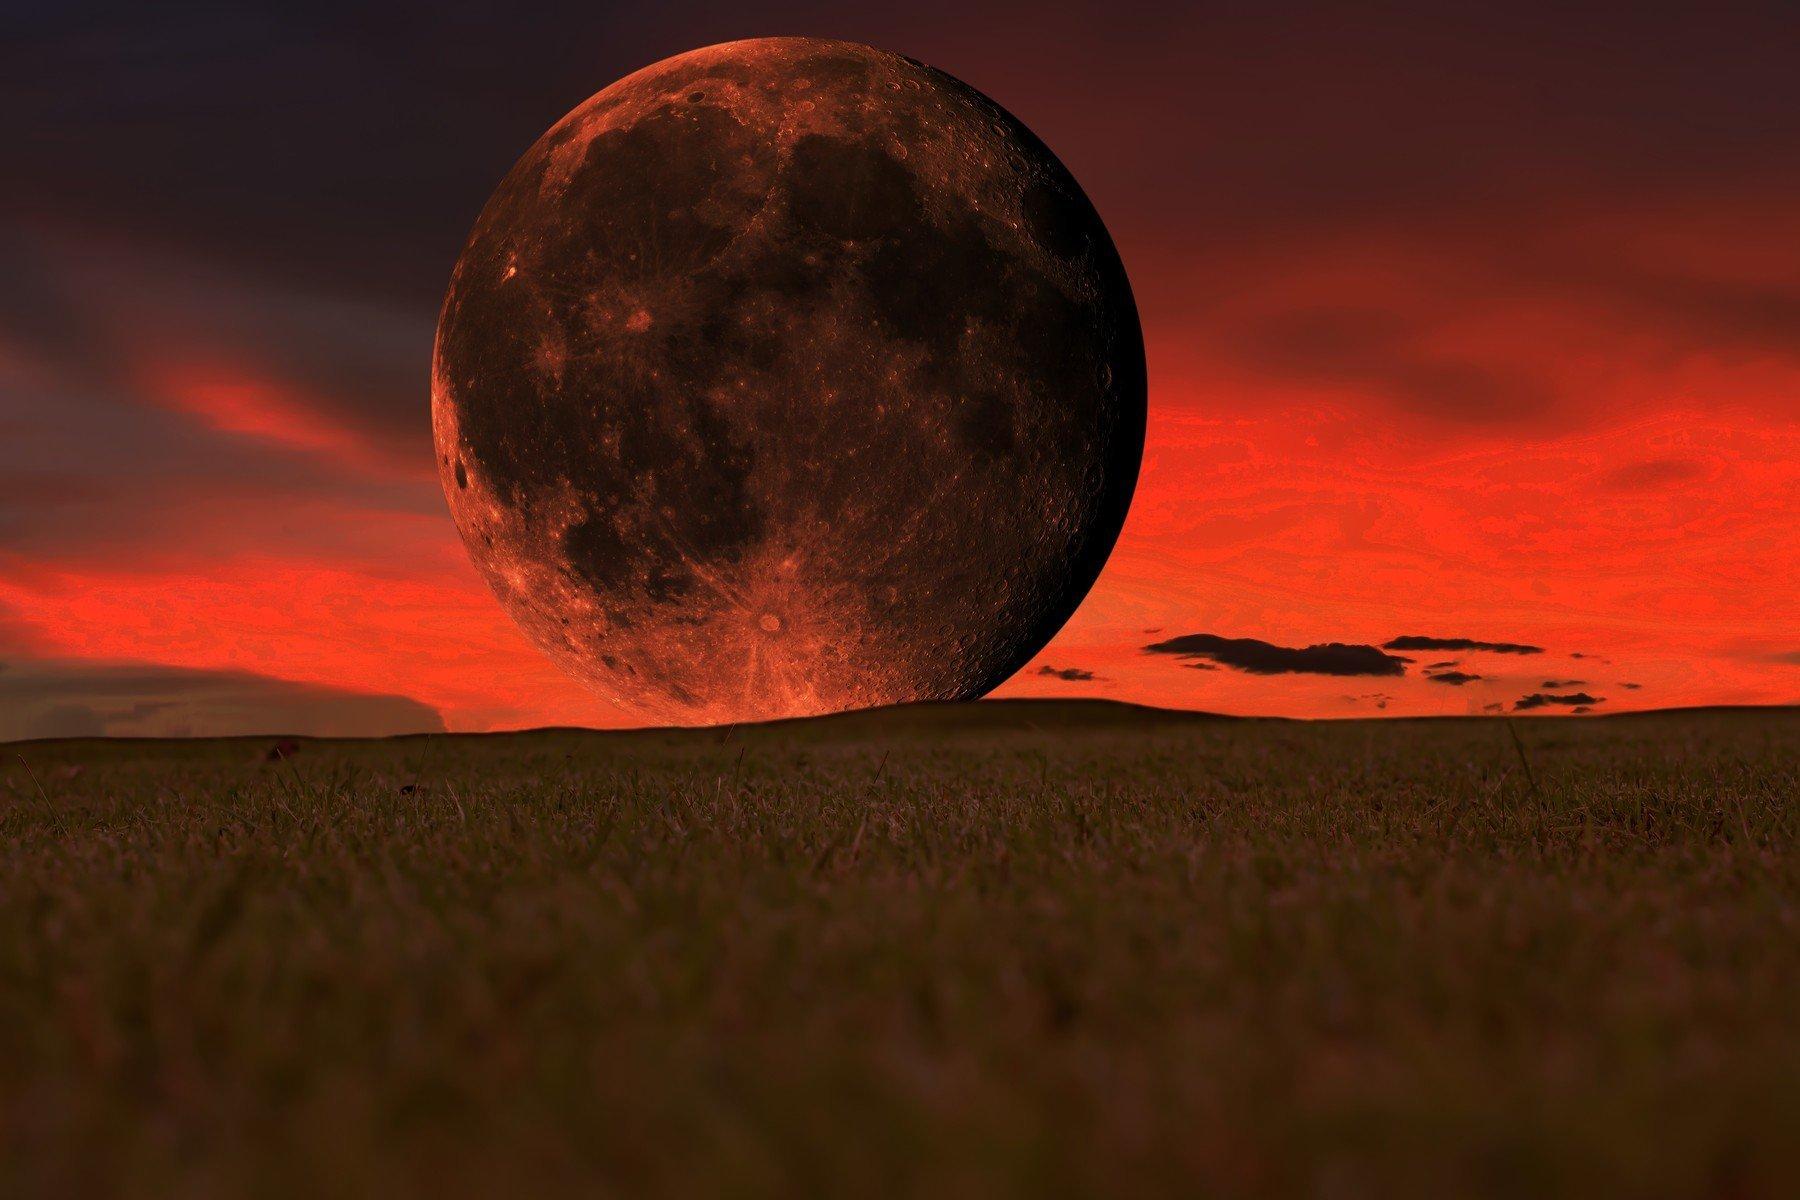 Nepropásněte dnes v noci zatmění Měsíce. Letos poprvé a naposledy